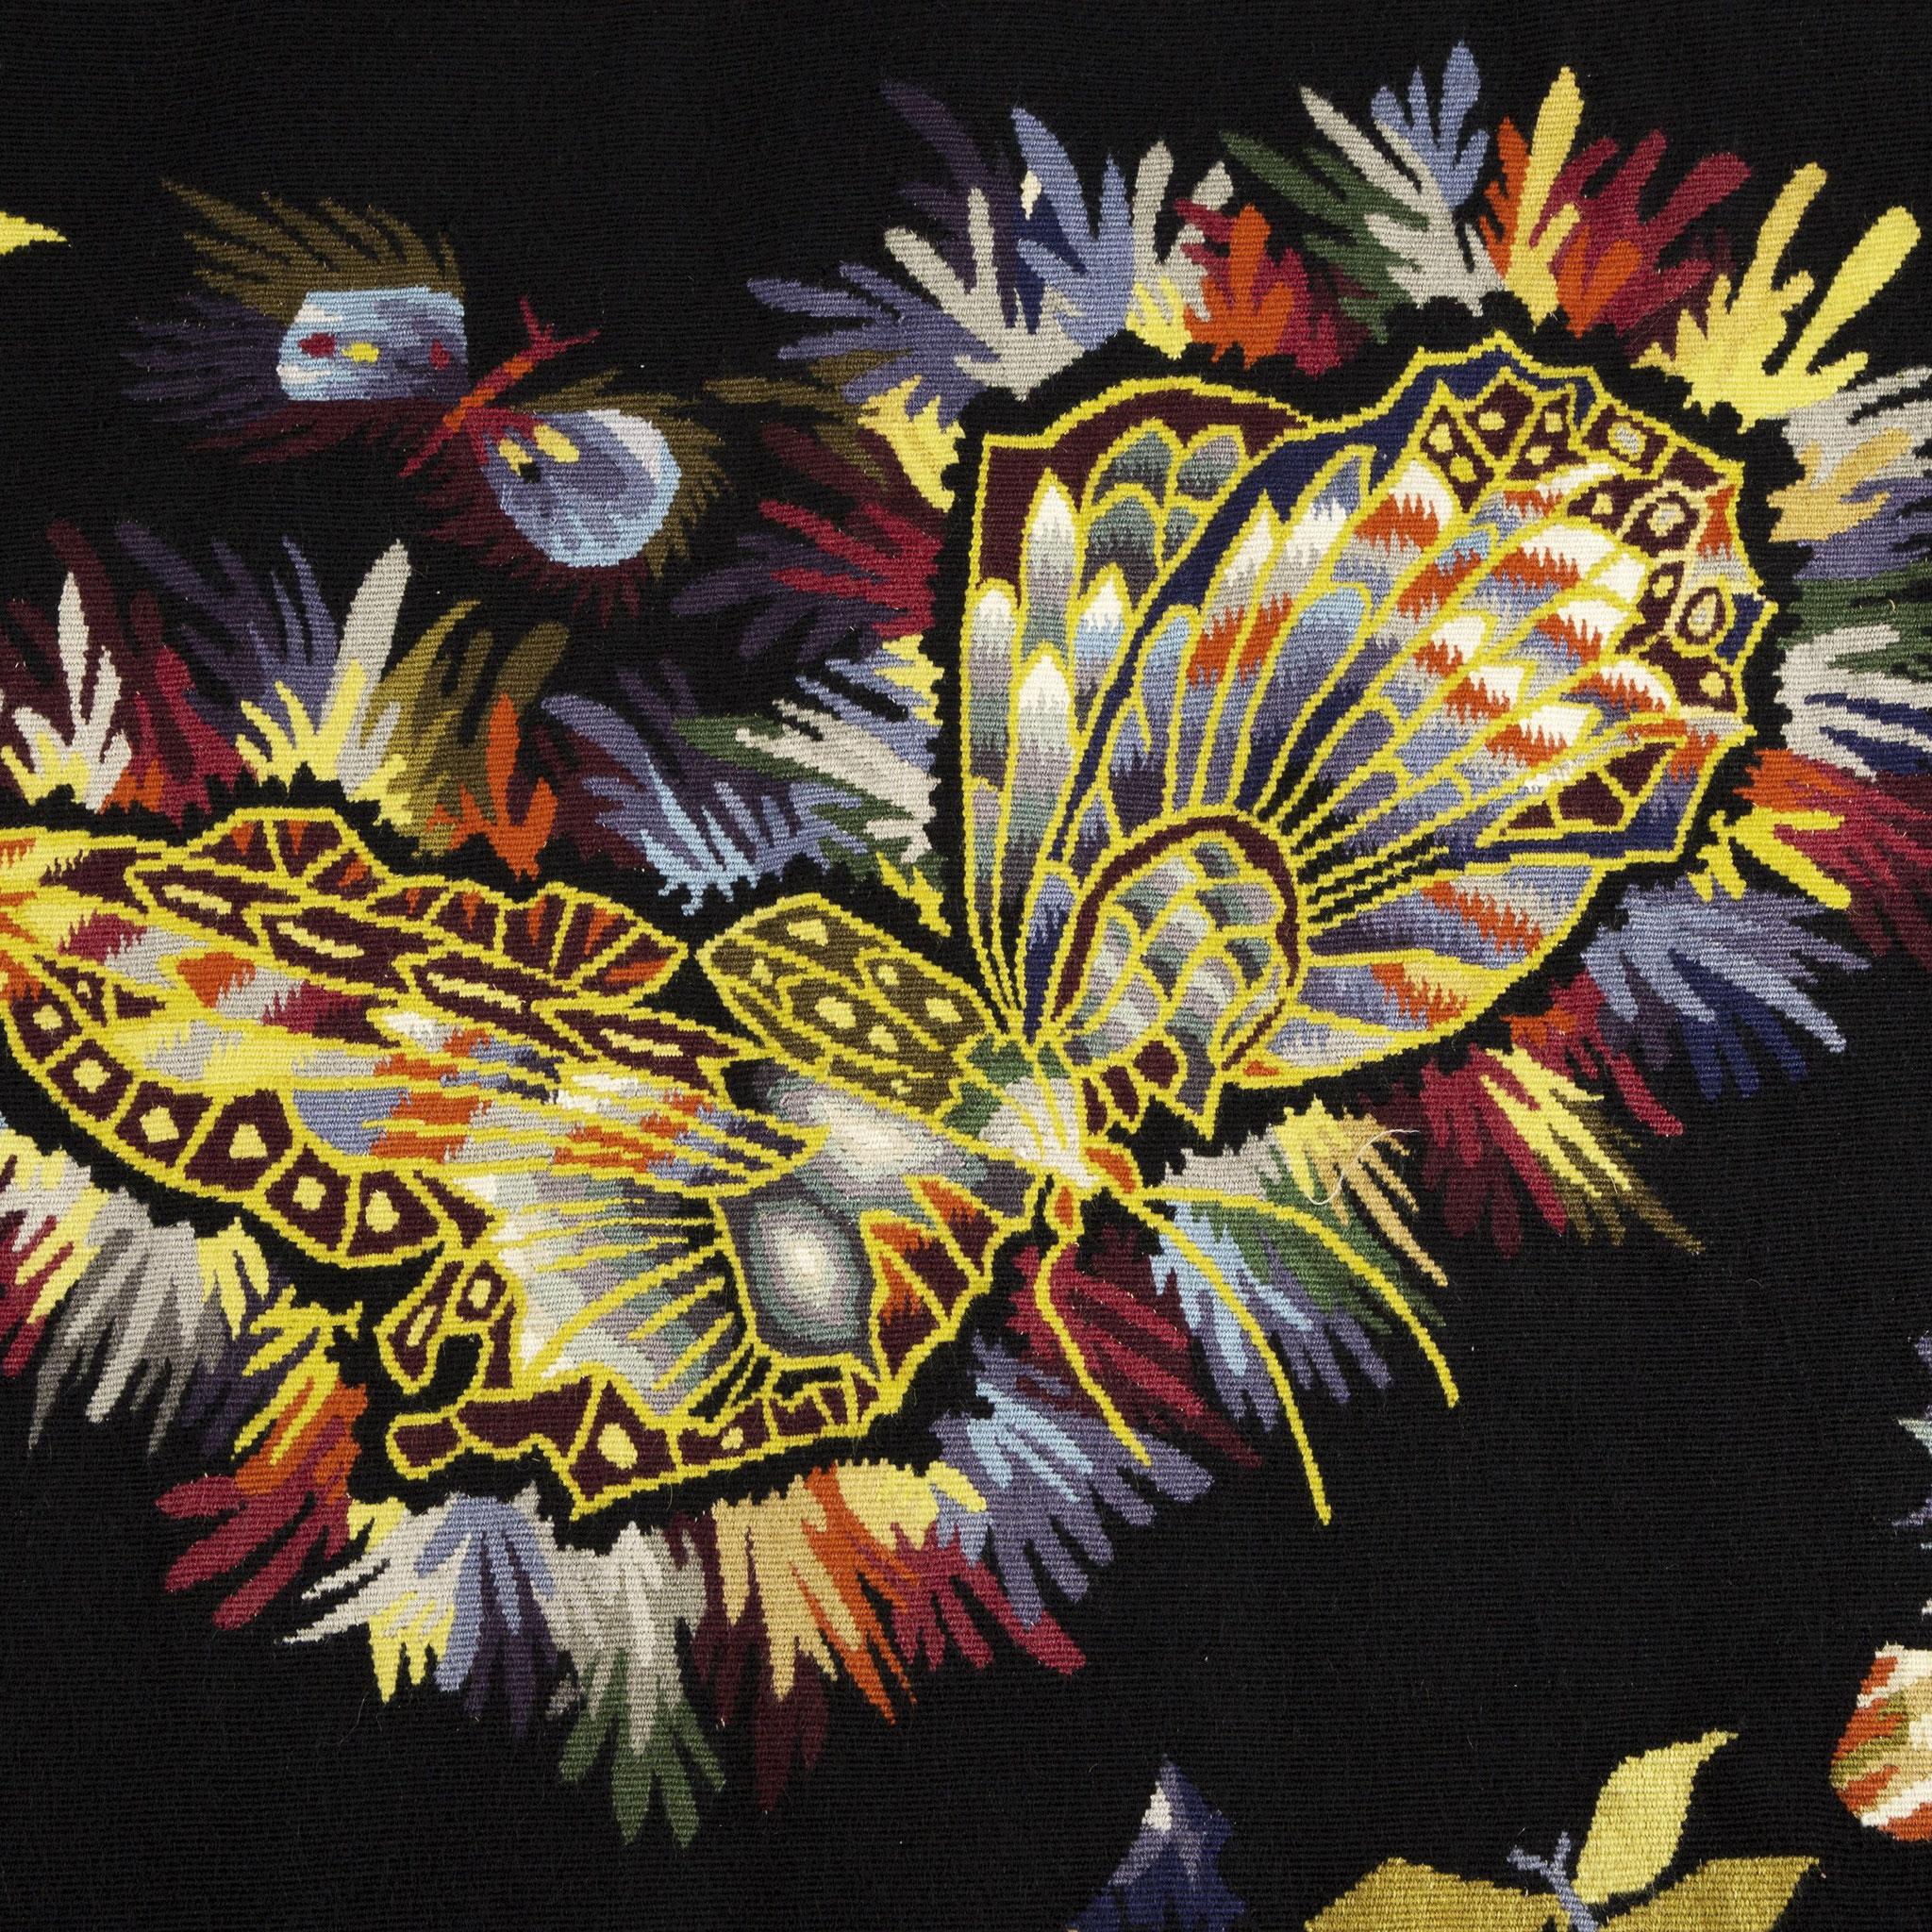 Tapisserie - Papillon © Fondation Jean et Simone Lurçat